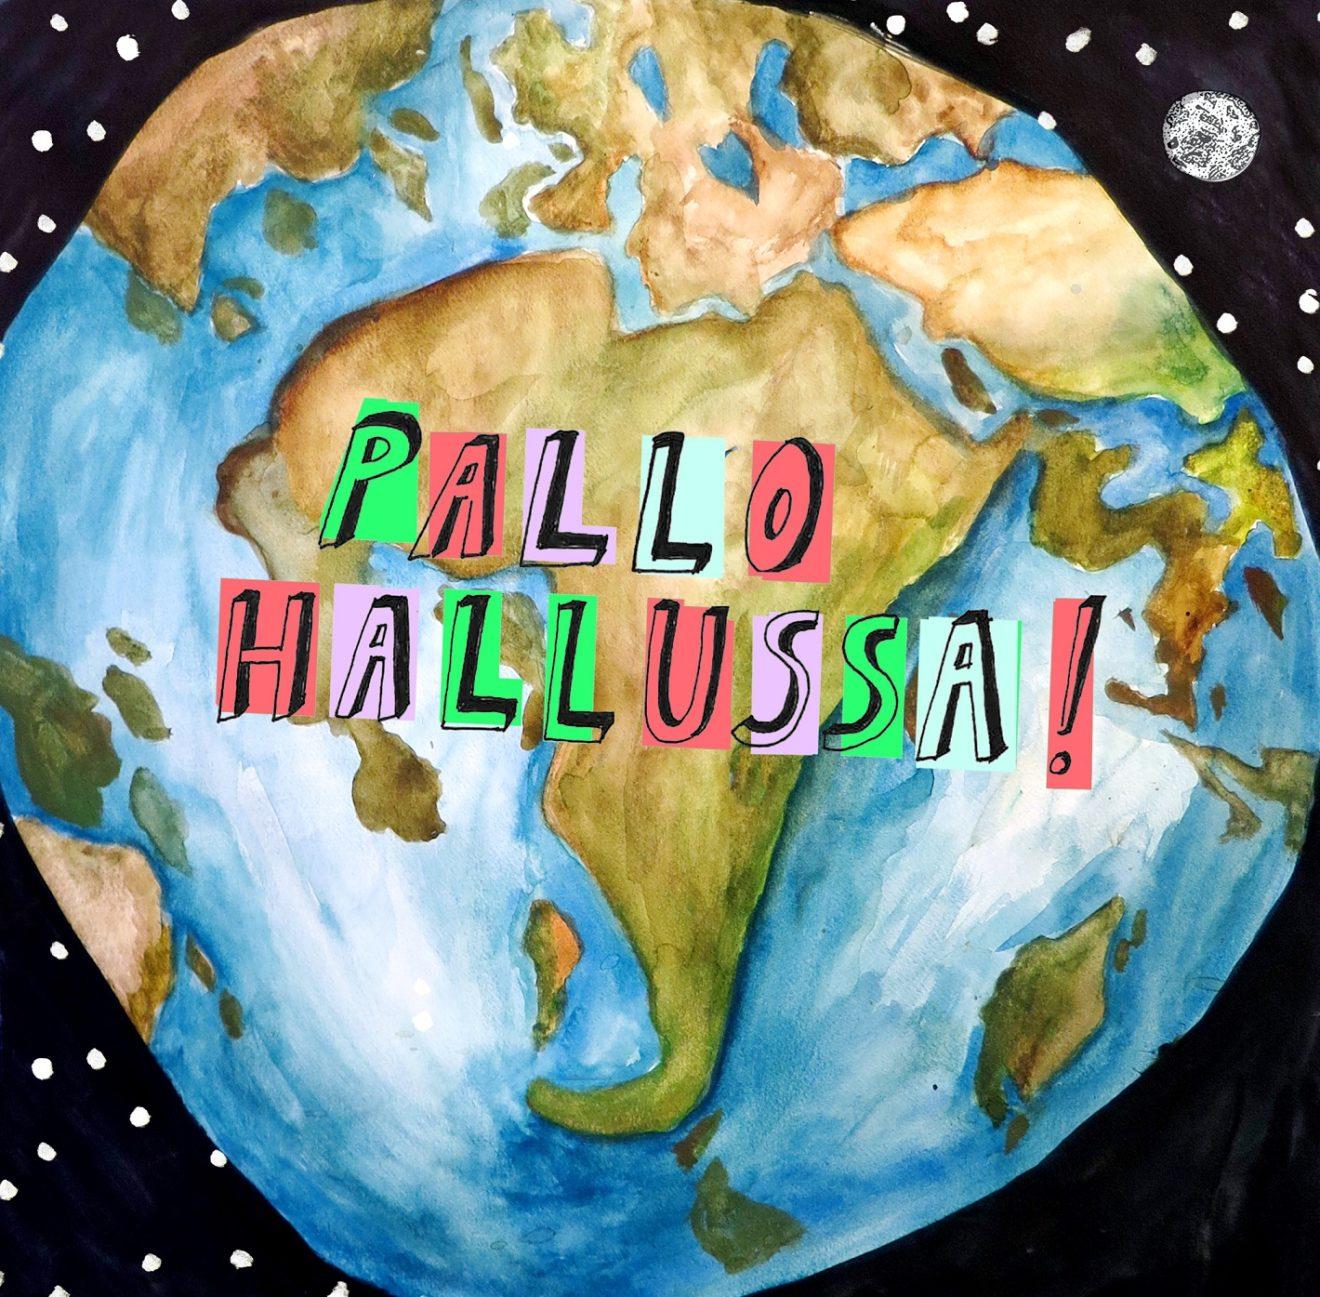 Pallo hallussa! maaliskuussa Tampere-talossa